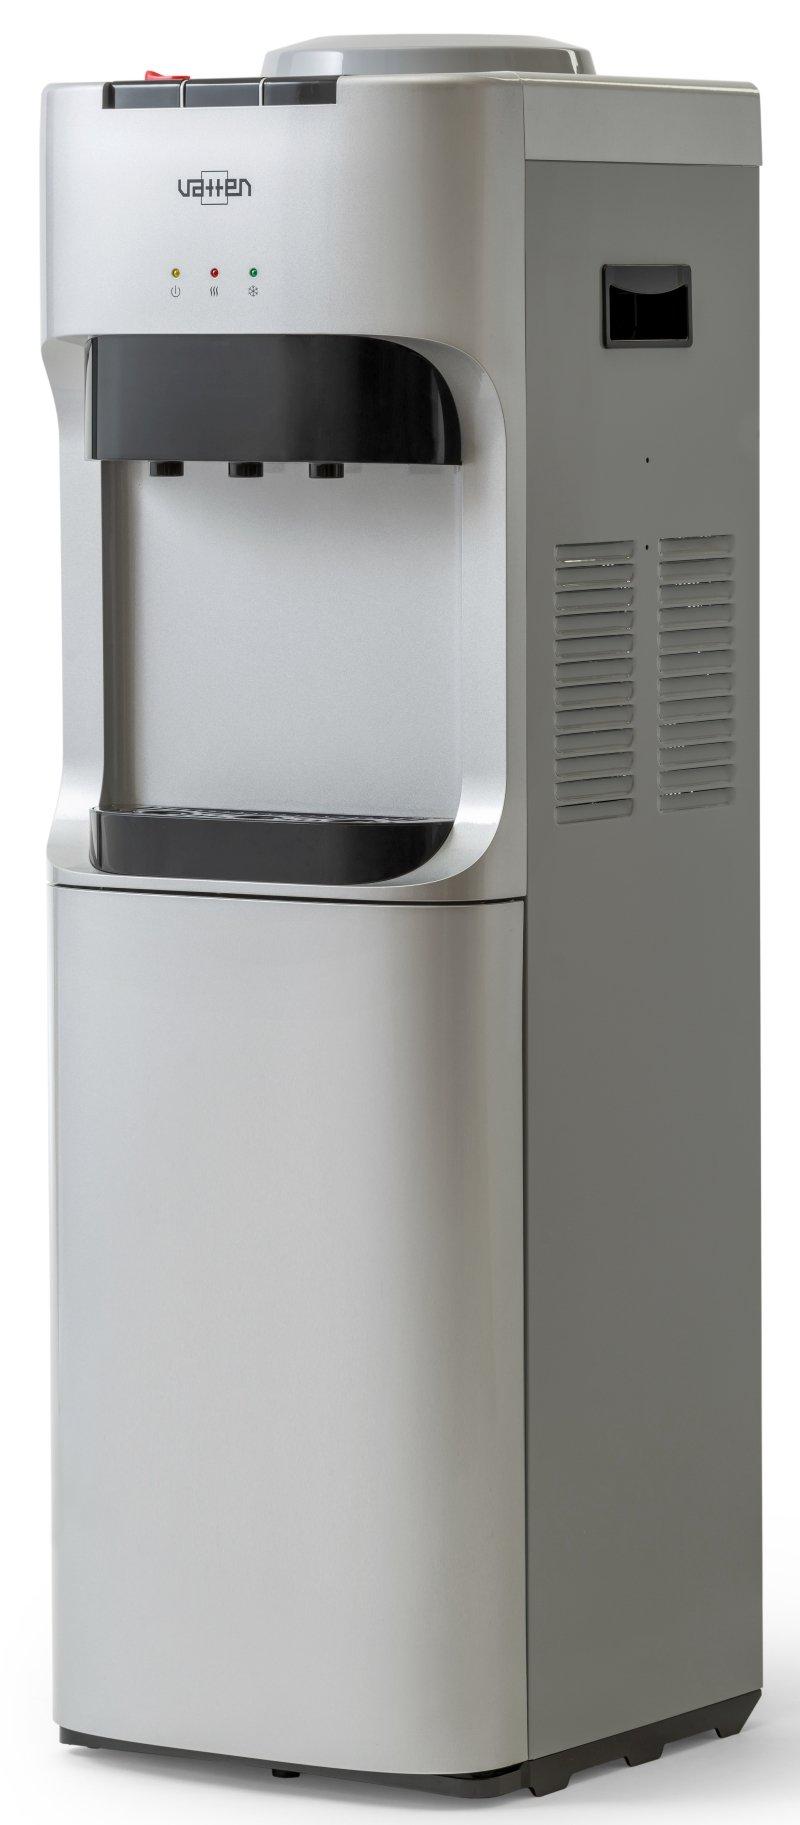 Кулер для воды VATTEN V45SKB напольный, с нагревом и охлаждением, с холодильником